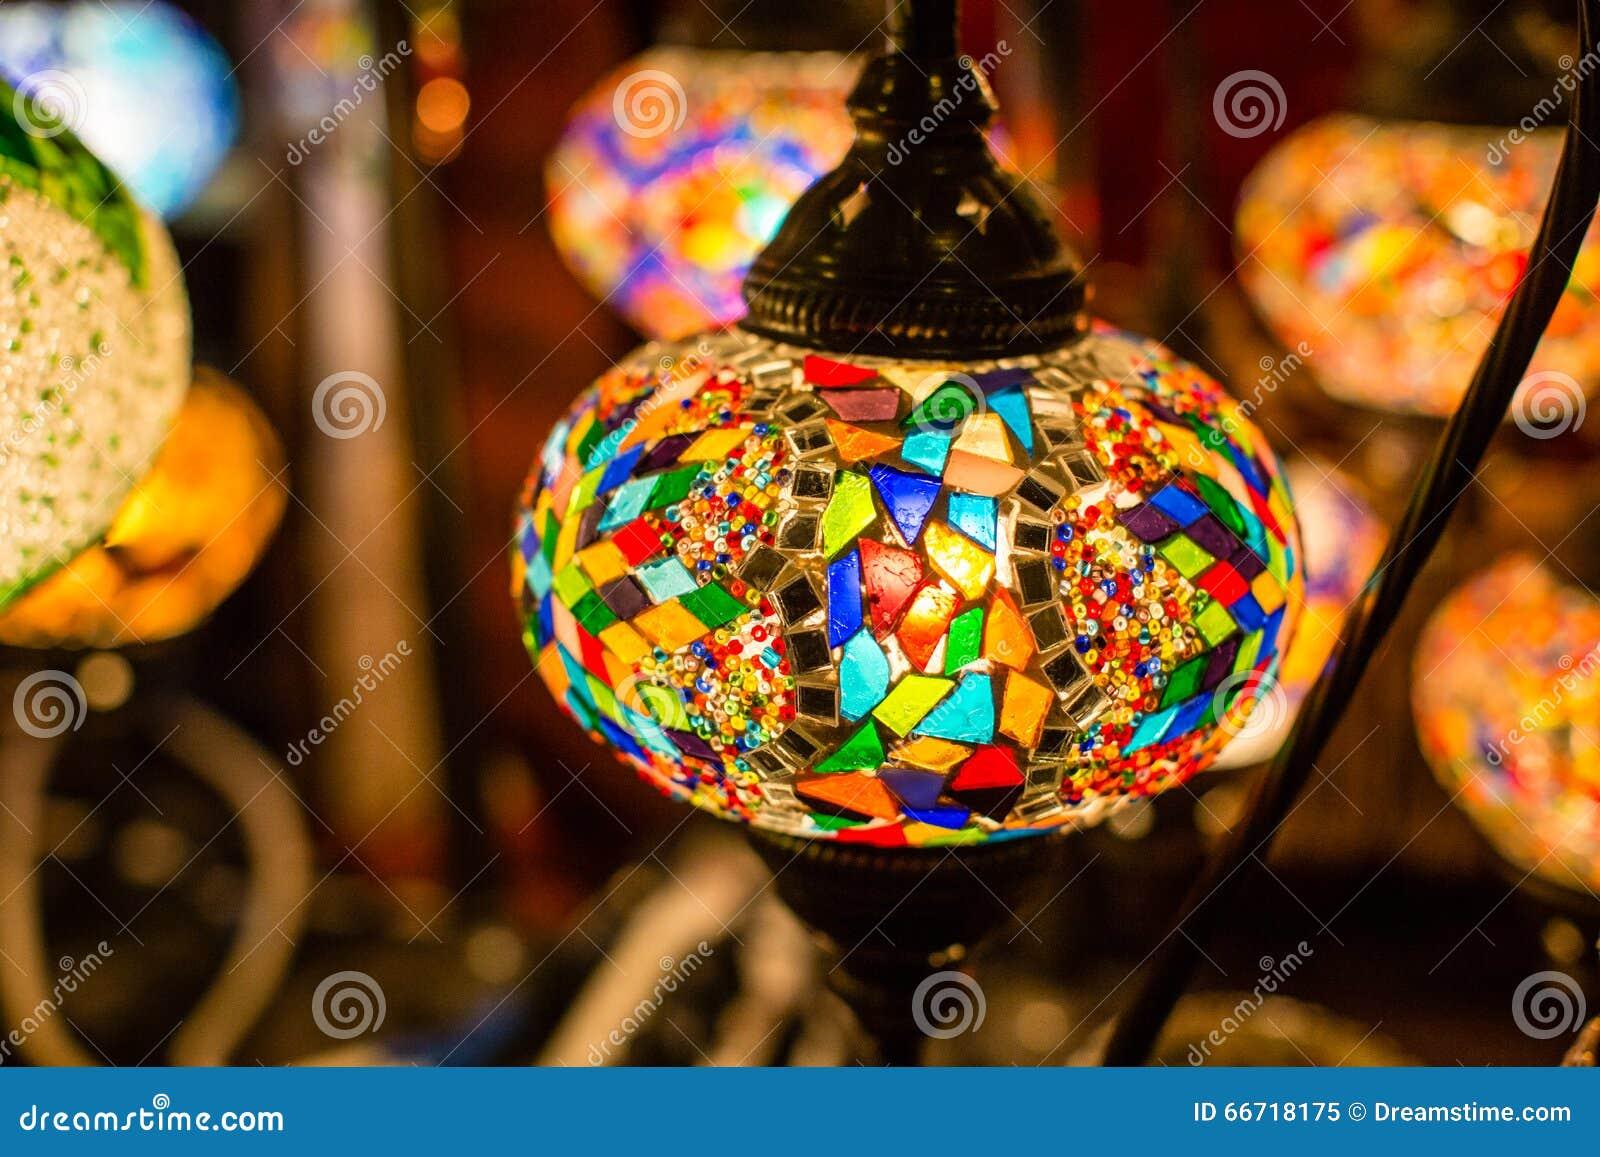 Lampade Arabe Fotografia Stock - Immagine: 66718175